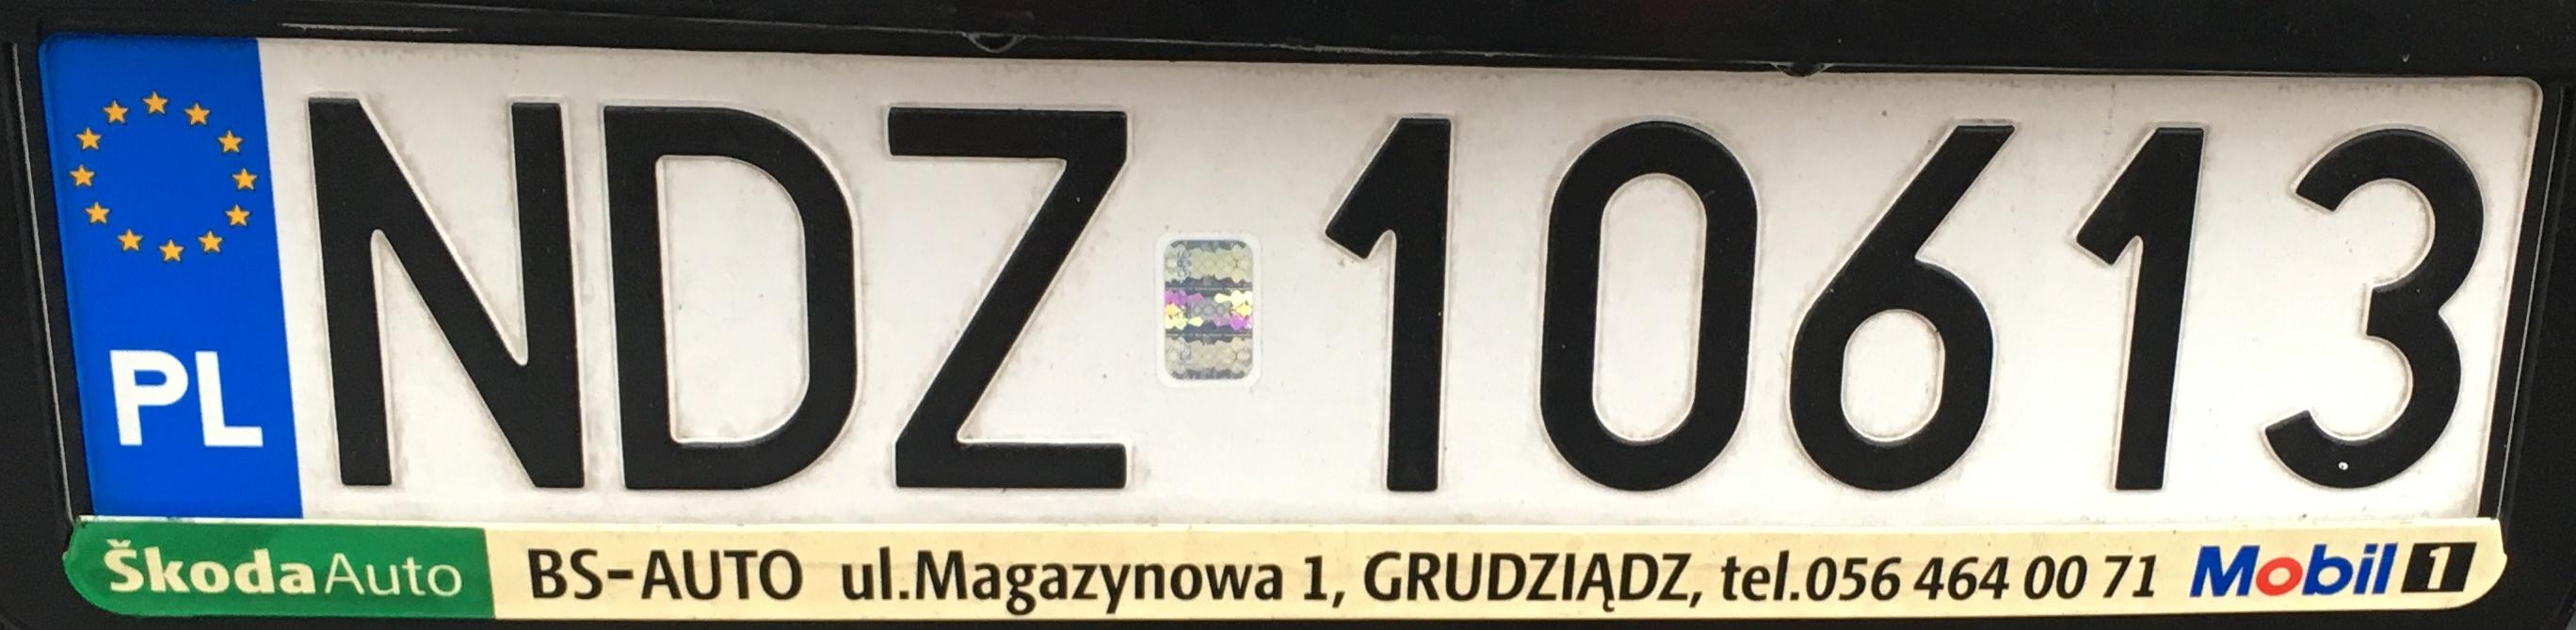 Registrační značka Polsko - NDZ - Działdowo, foto: vlastní